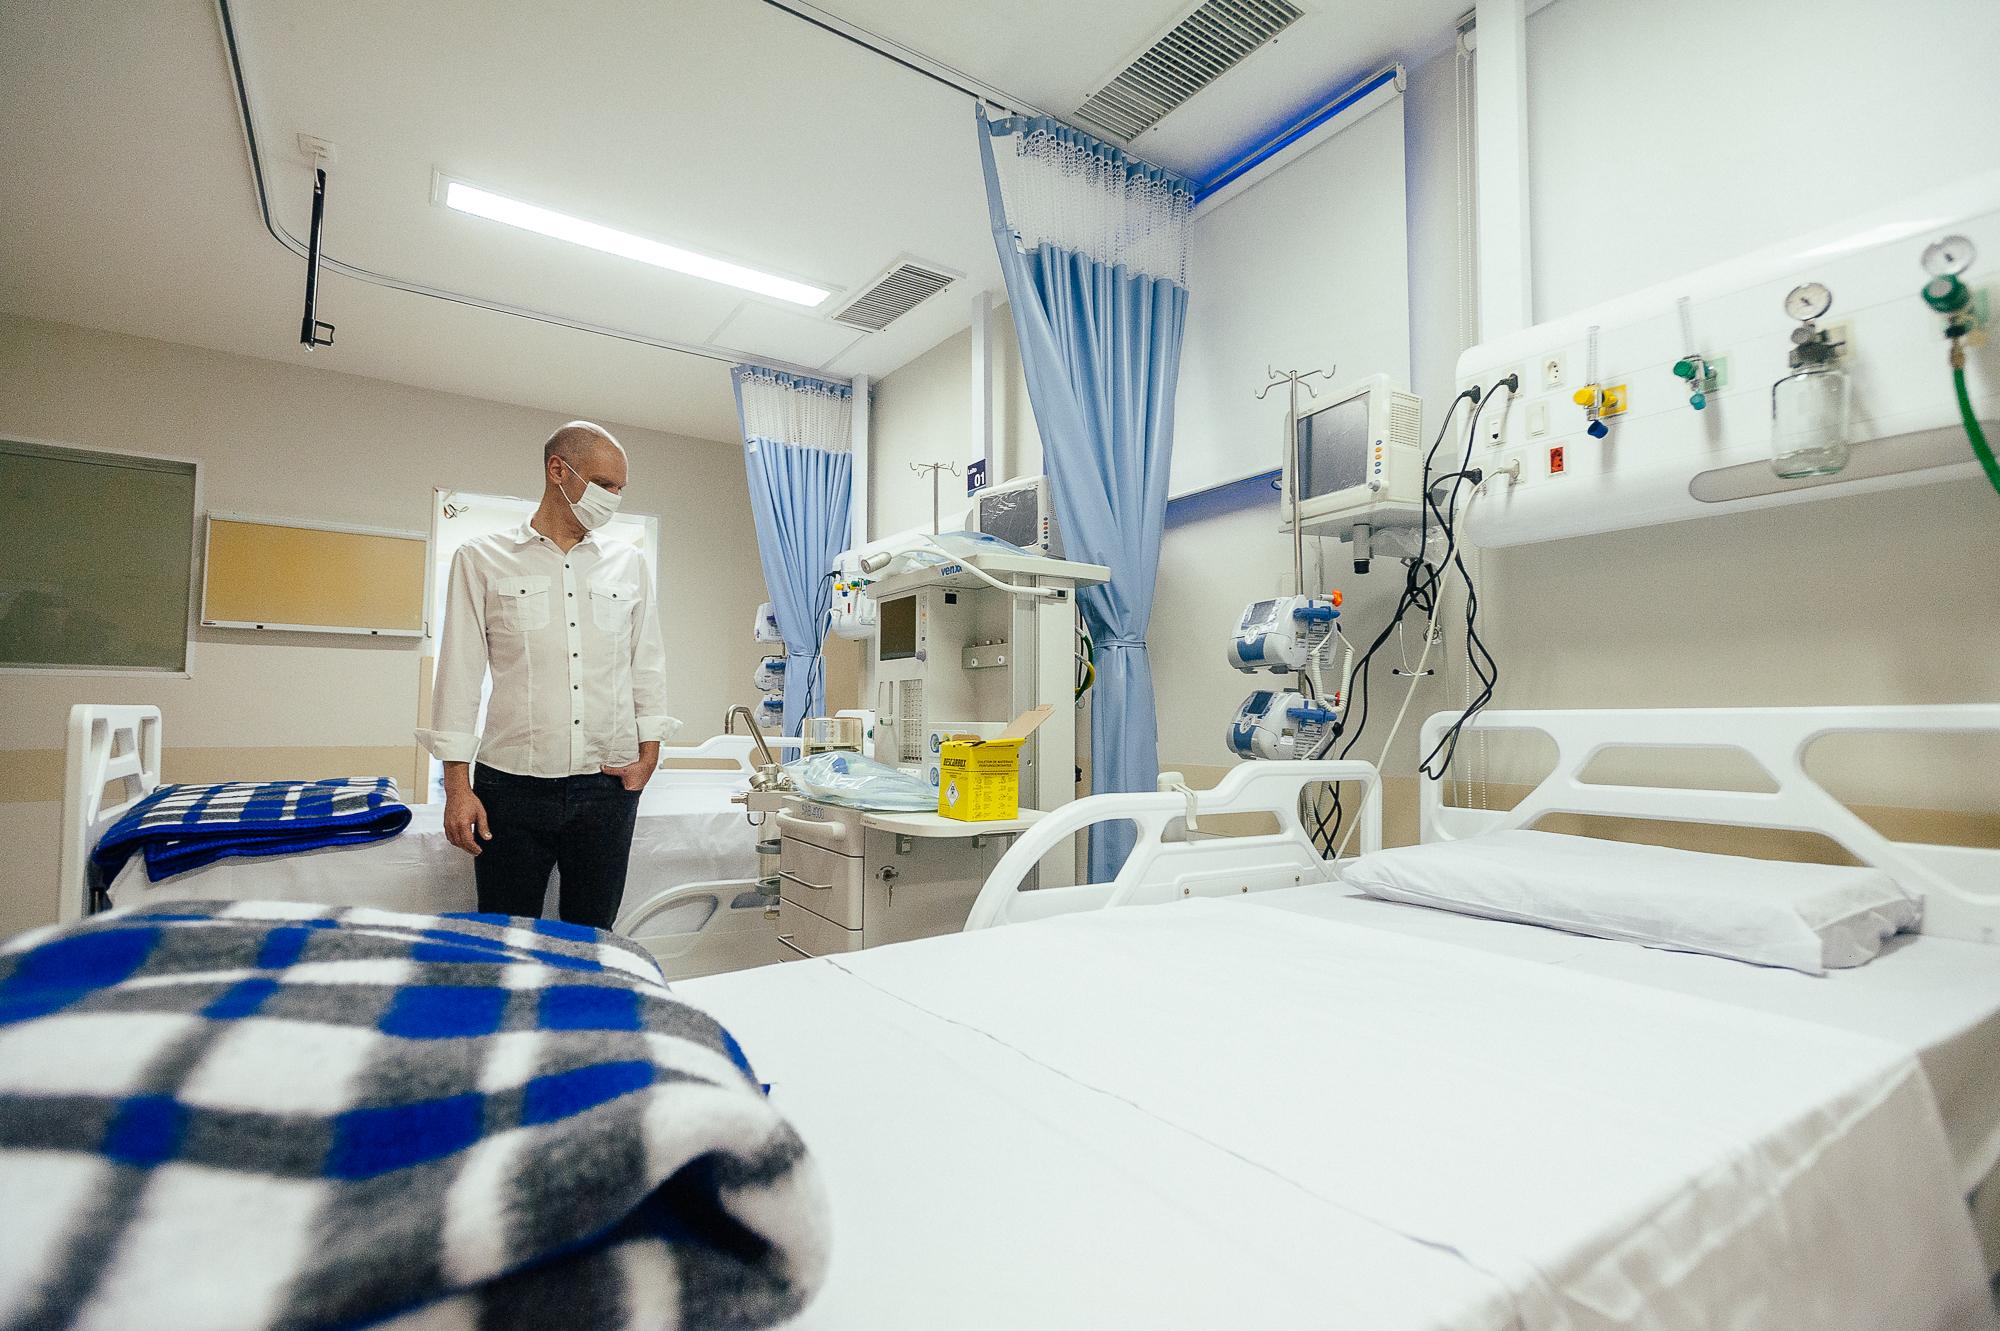 Prefeito Bruno Covas em visita ao Hospital Municipal Bela Vista (Divulgação: Prefeitura de São Paulo)